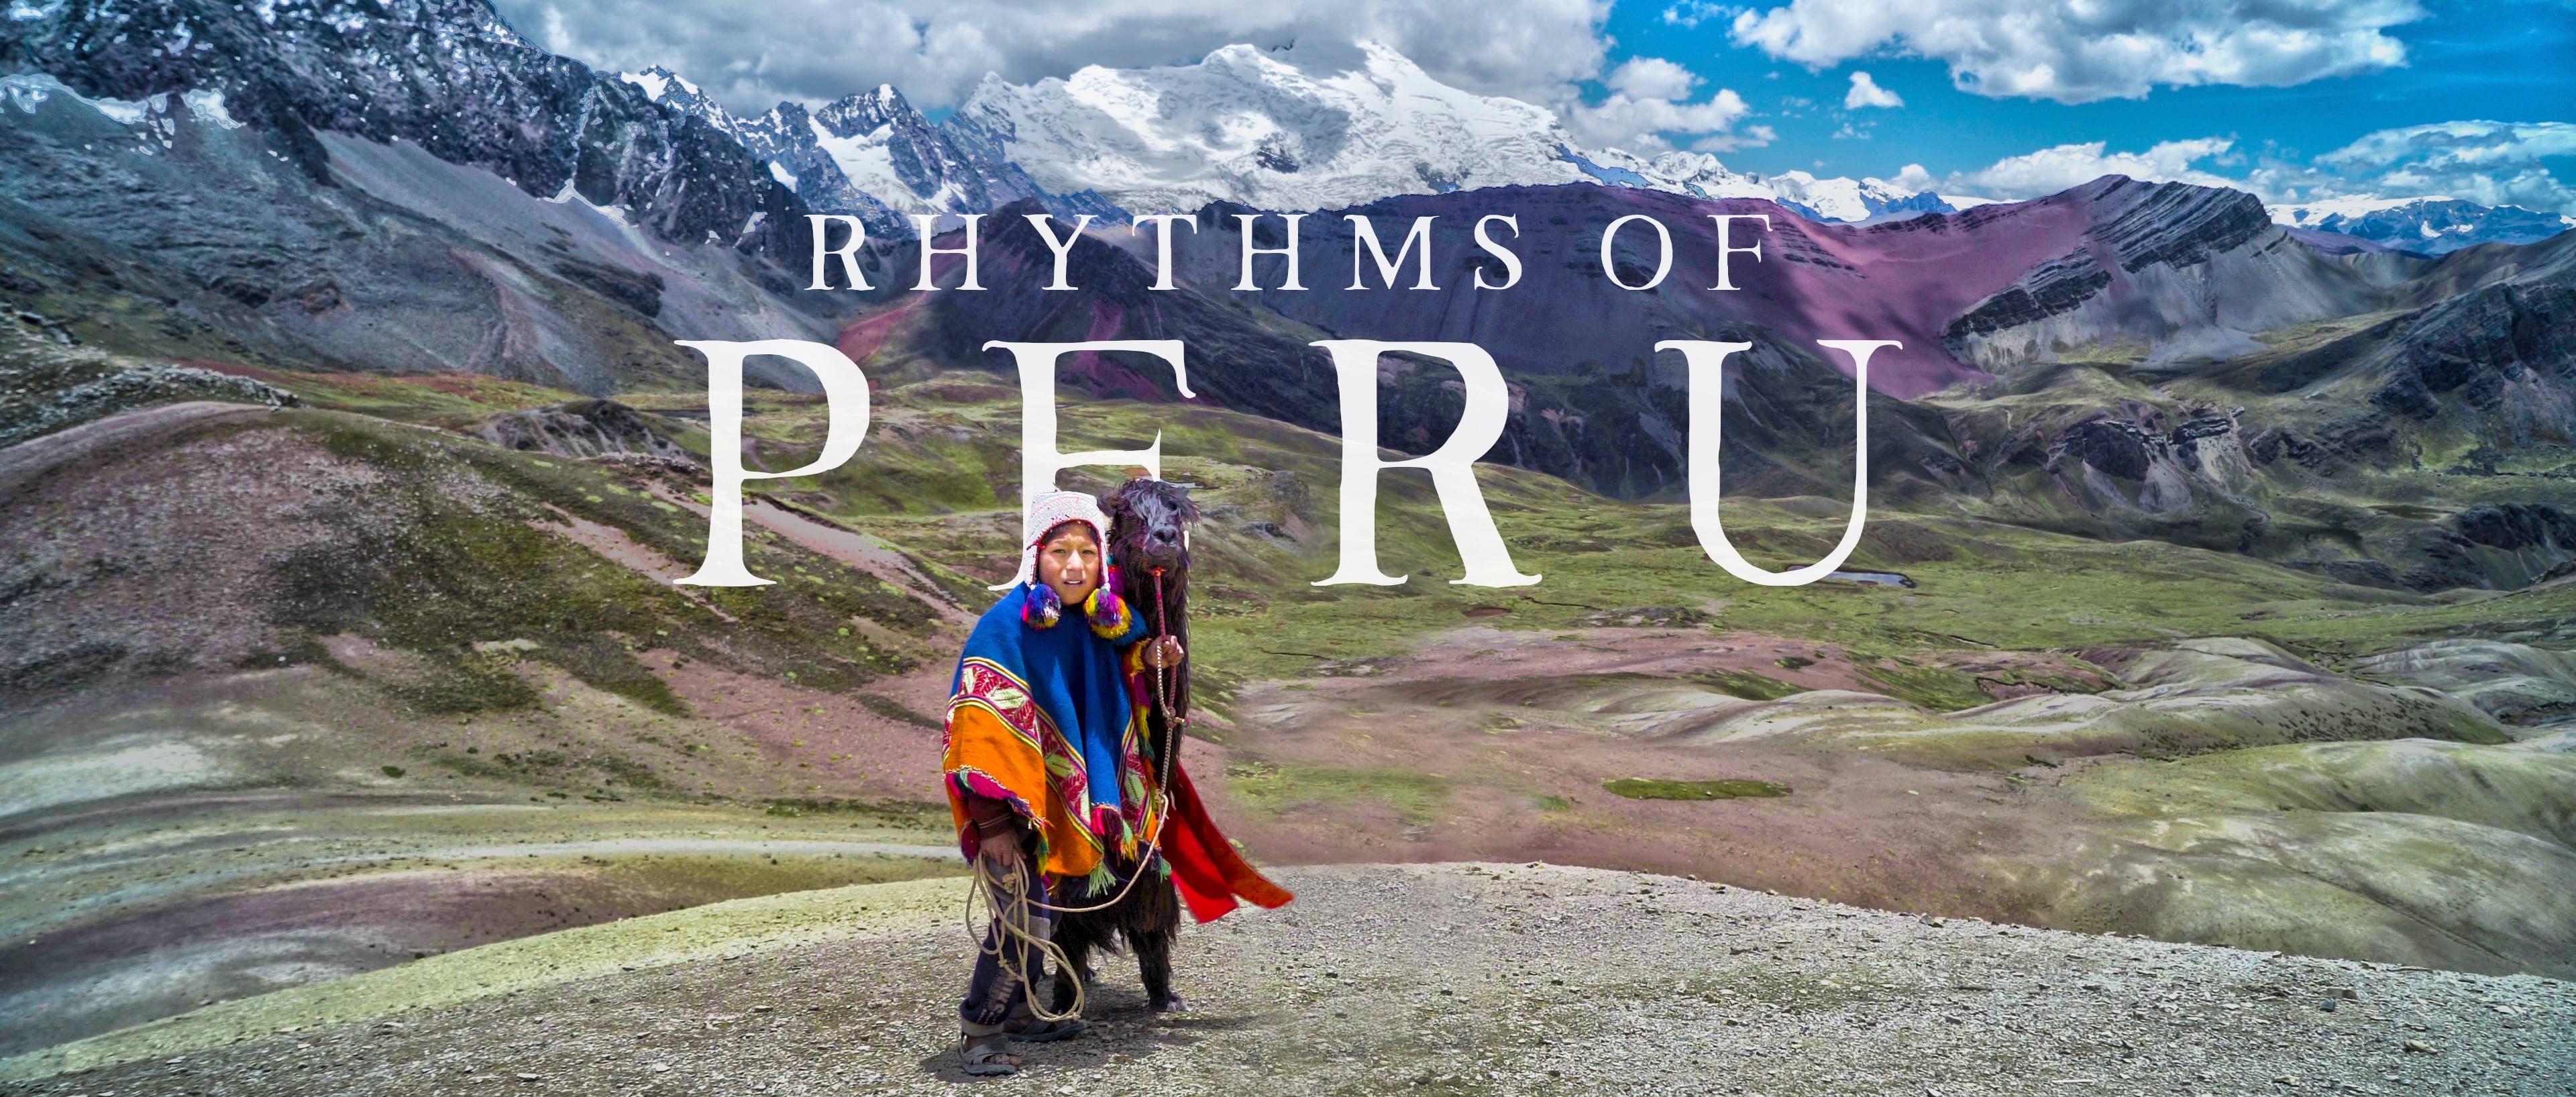 Video: Rhythms of Peru